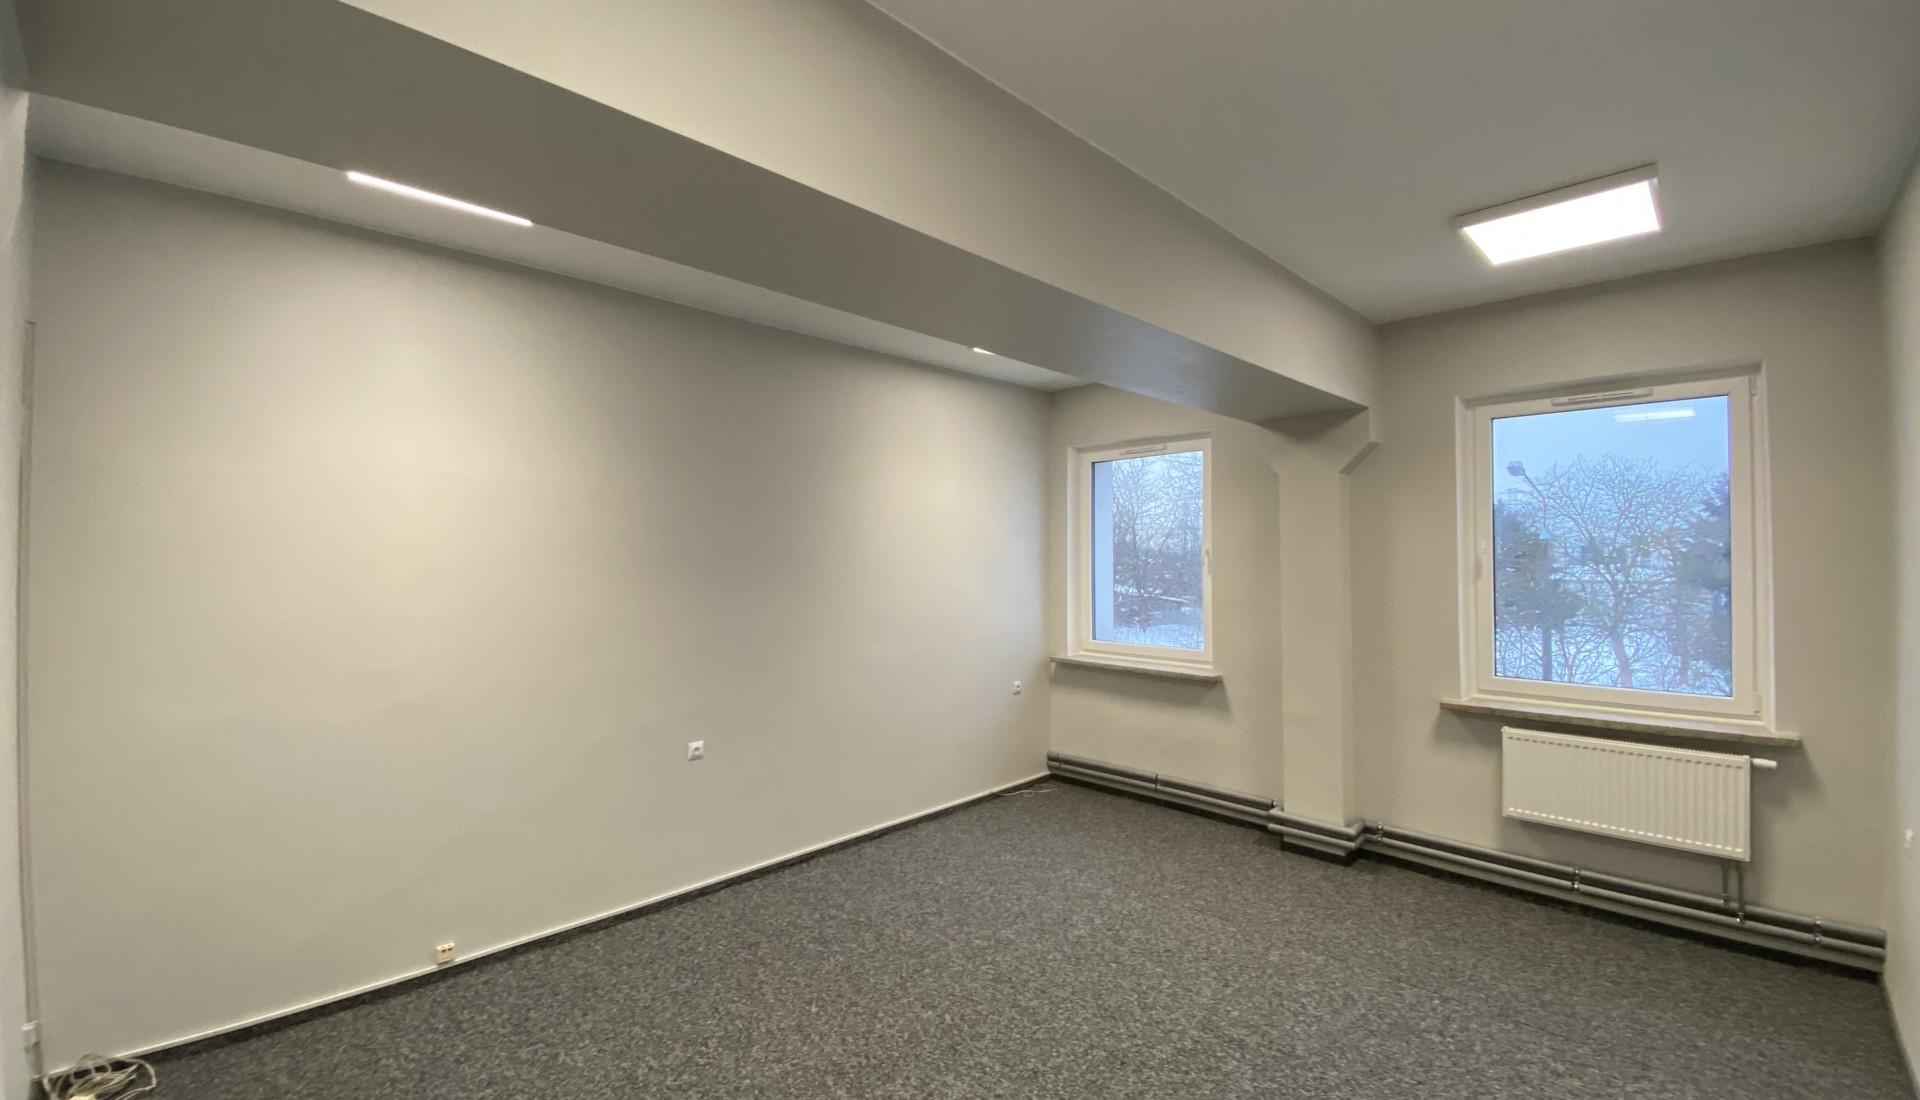 biuro o powierzchni 22,7 m<sup>2</sup> - Farbud Nieruchomości - Lublin